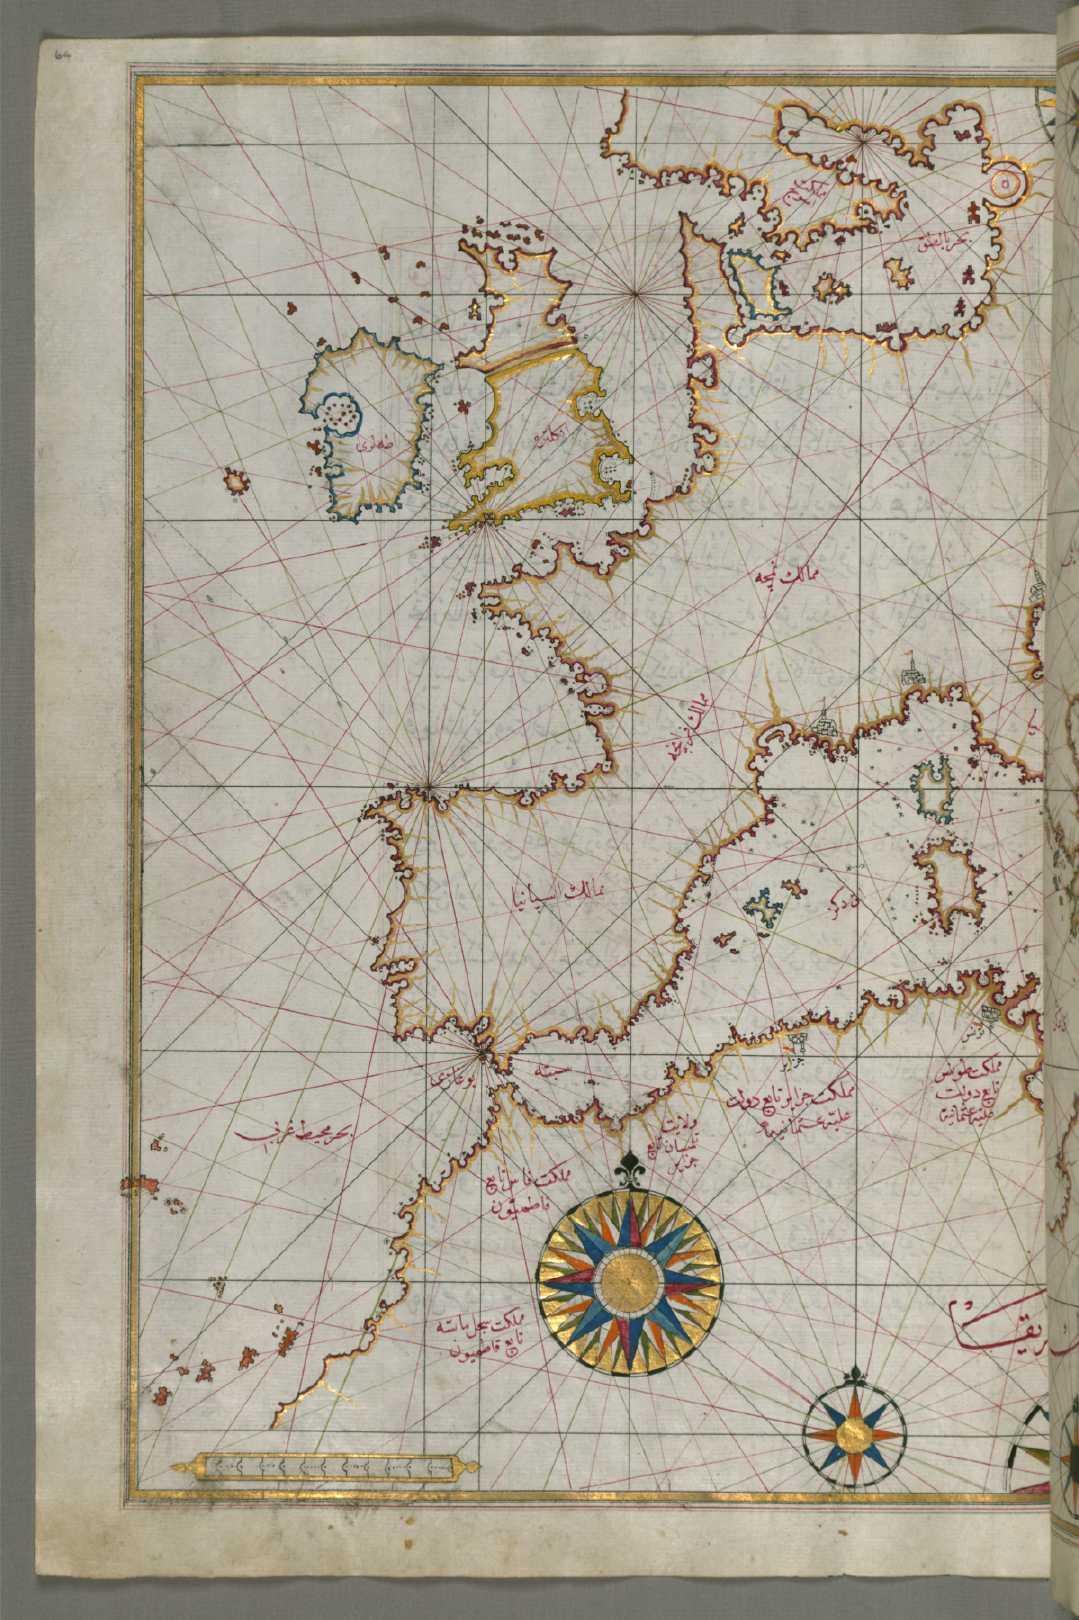 بالصور خريطة بيري ريس , تعرف على تاريج هذه الخريطة 11522 7